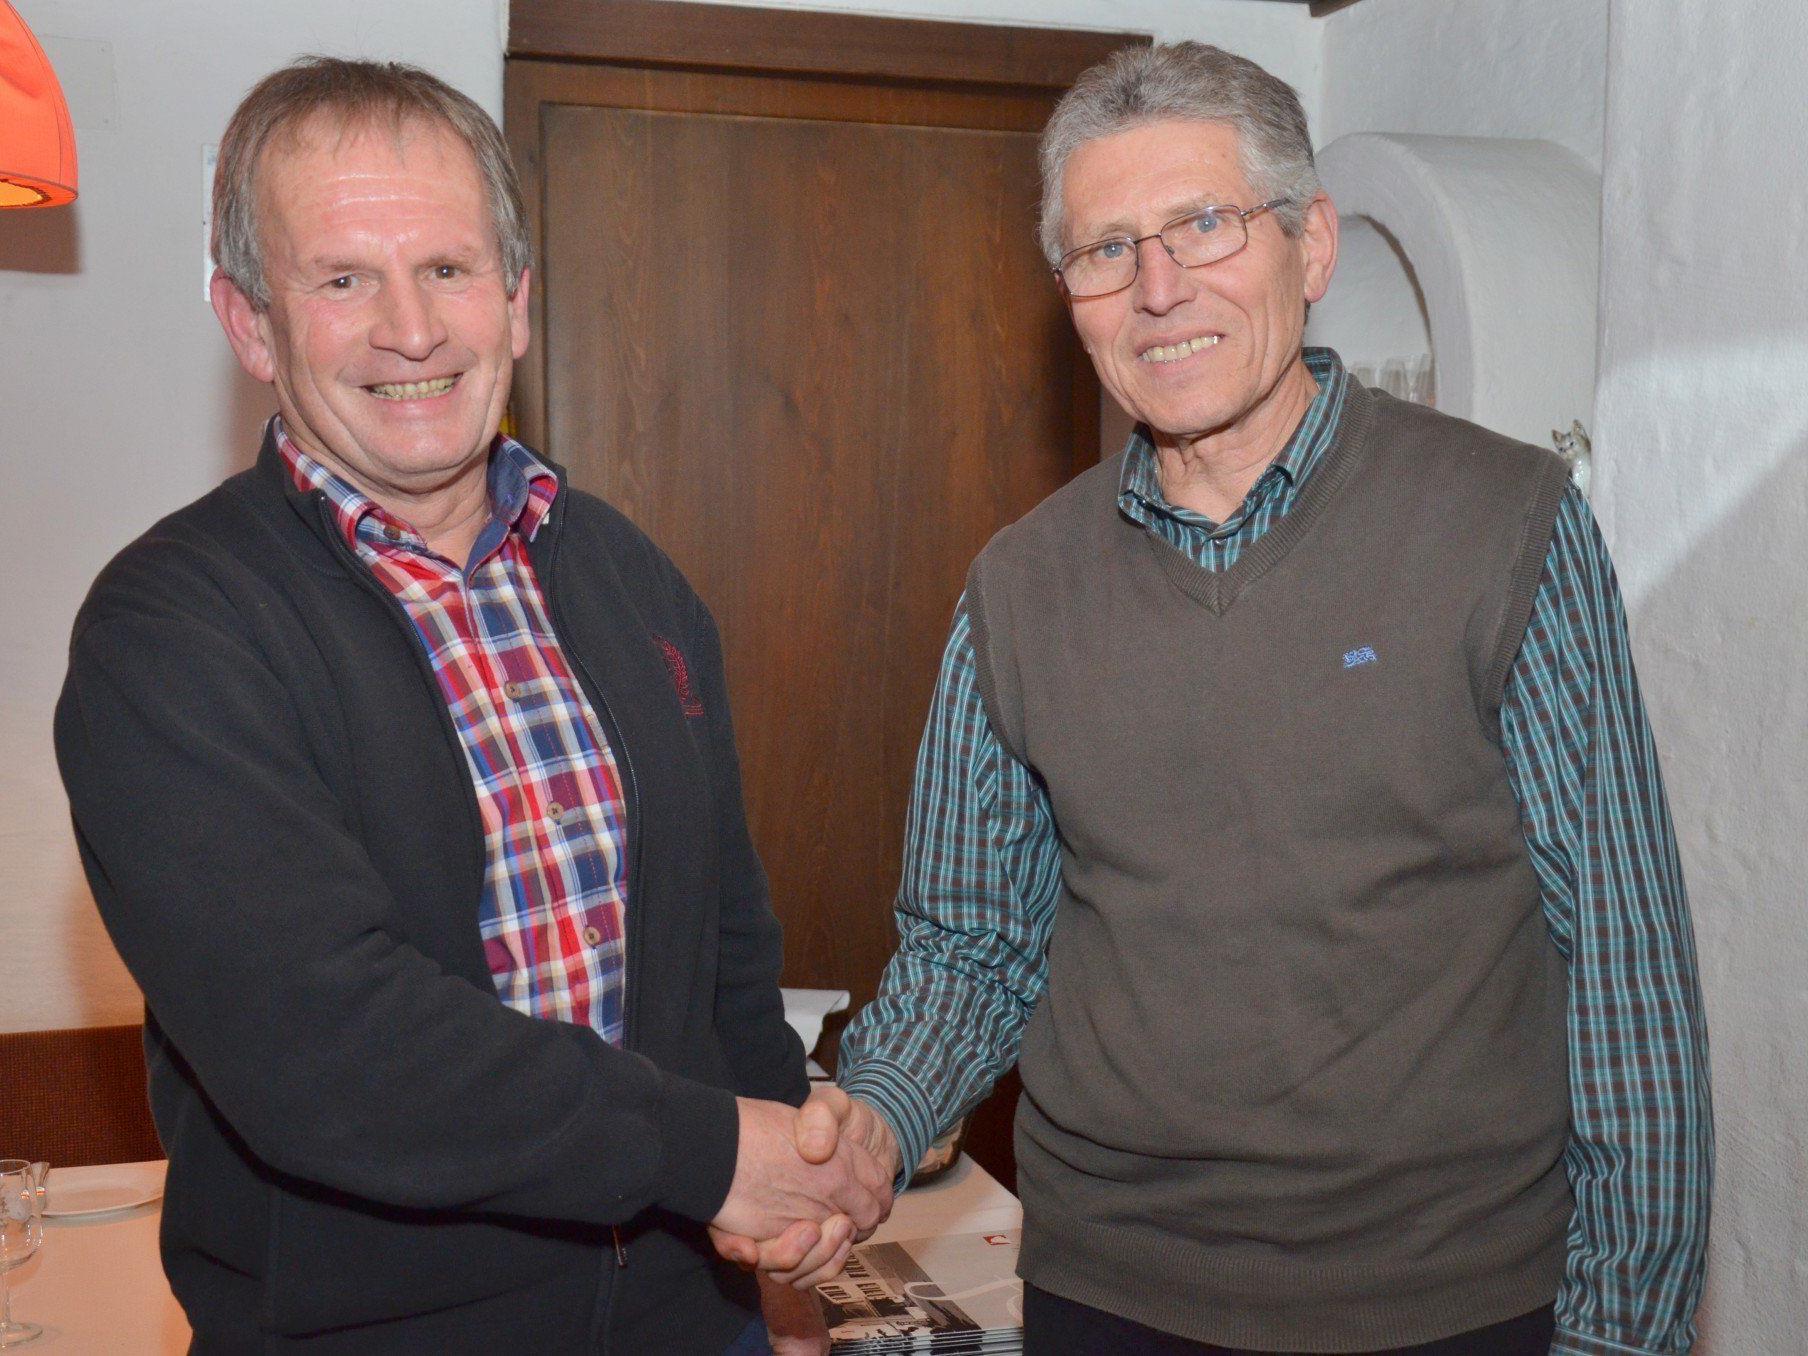 Die Obmänner Peter Engler (li.) und Günter Allgäuer unterzeichneten den Dienstbarkeitsvertrag.